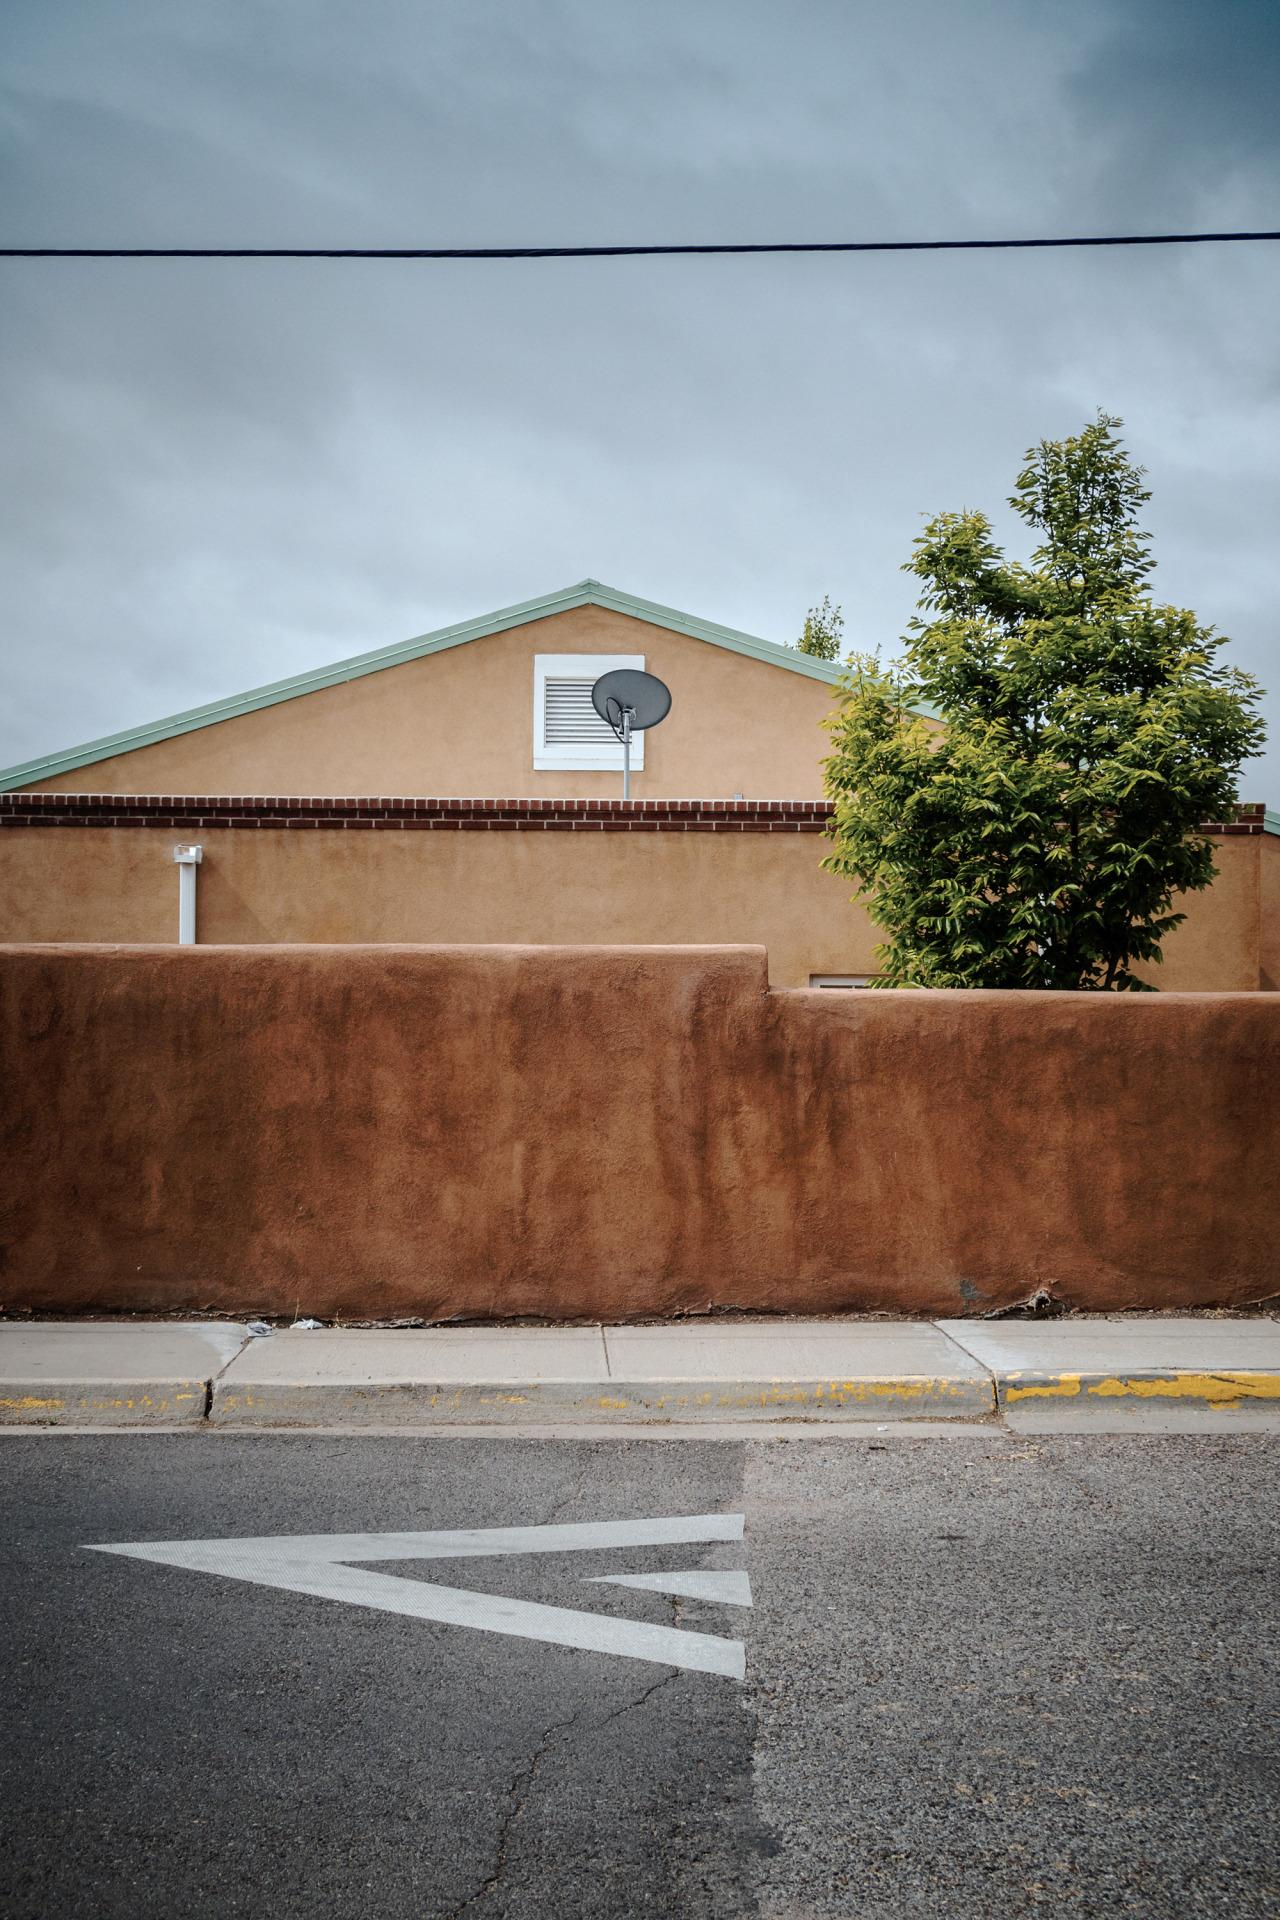 New Mexico, 2015